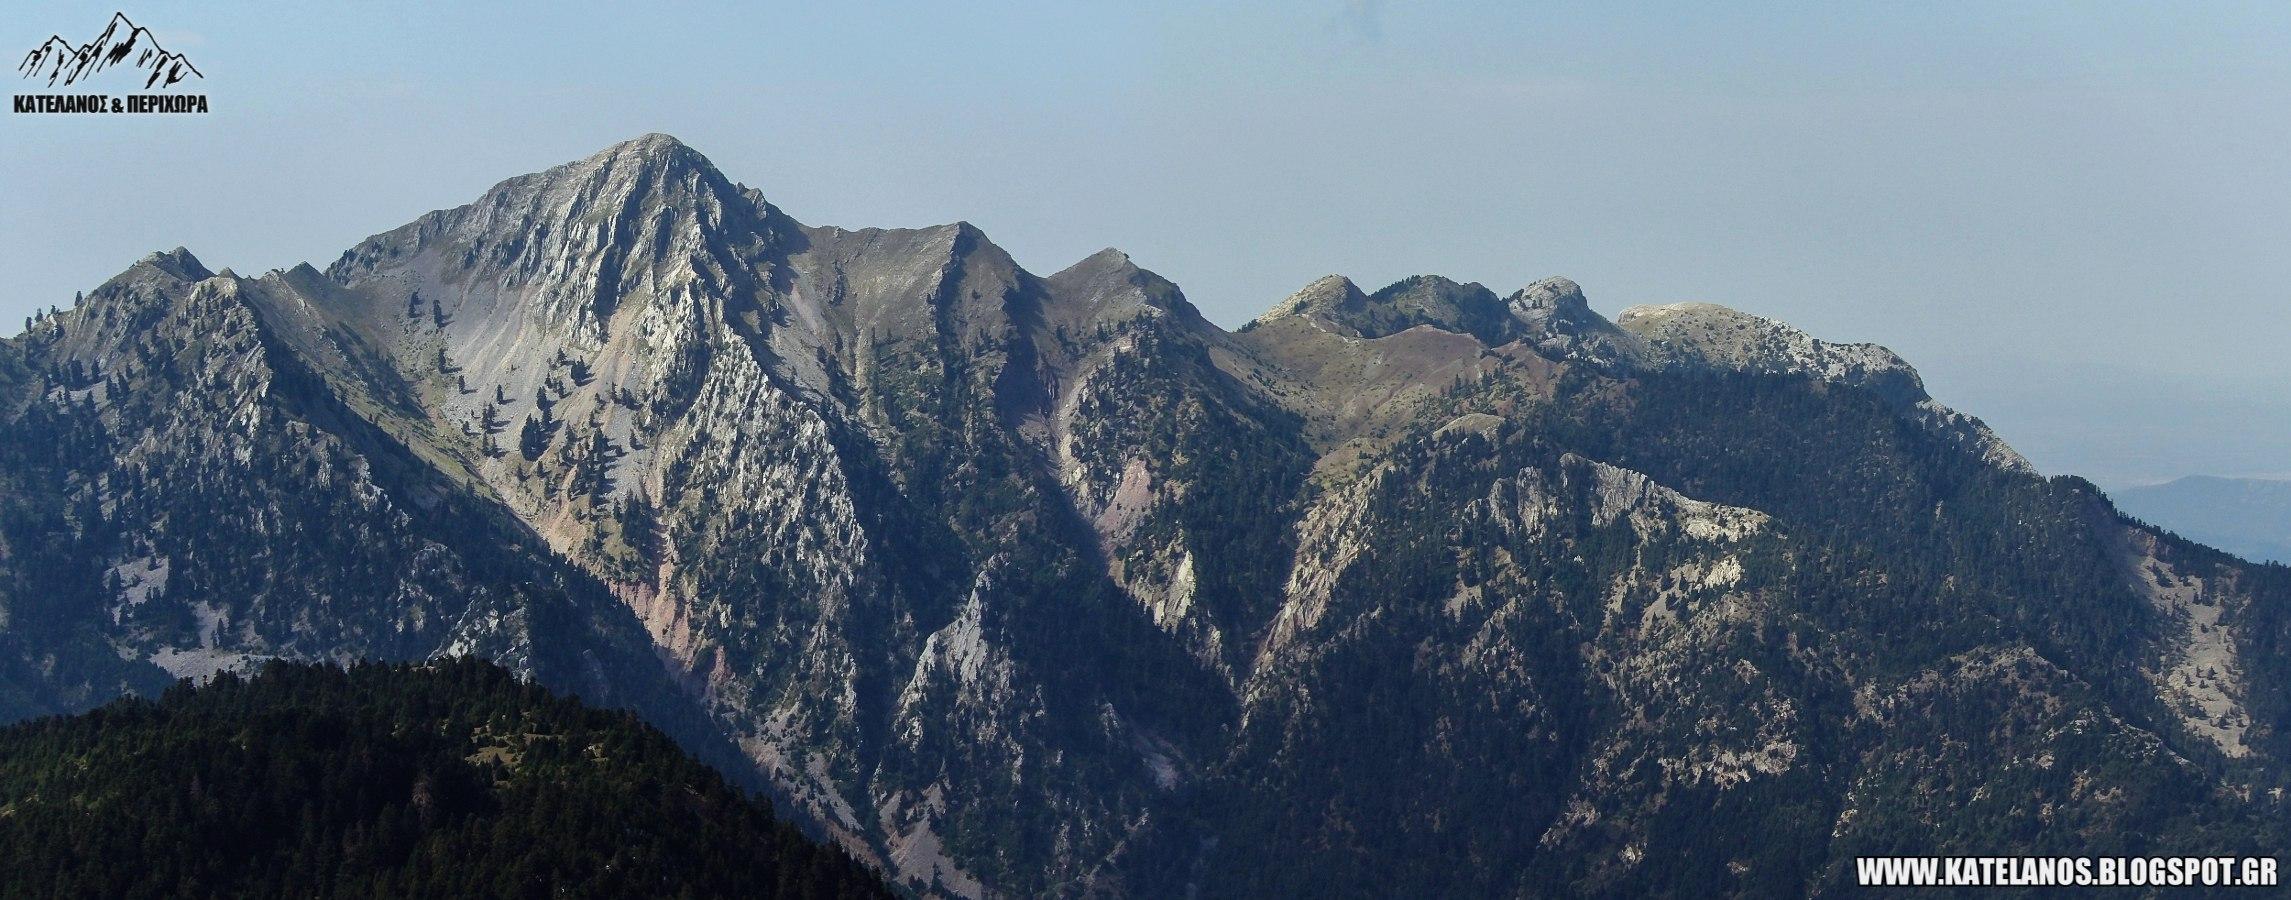 κουτουπας κουτπας βουνο προφητης ηλιας αη λιας παναιτωλικο ορος